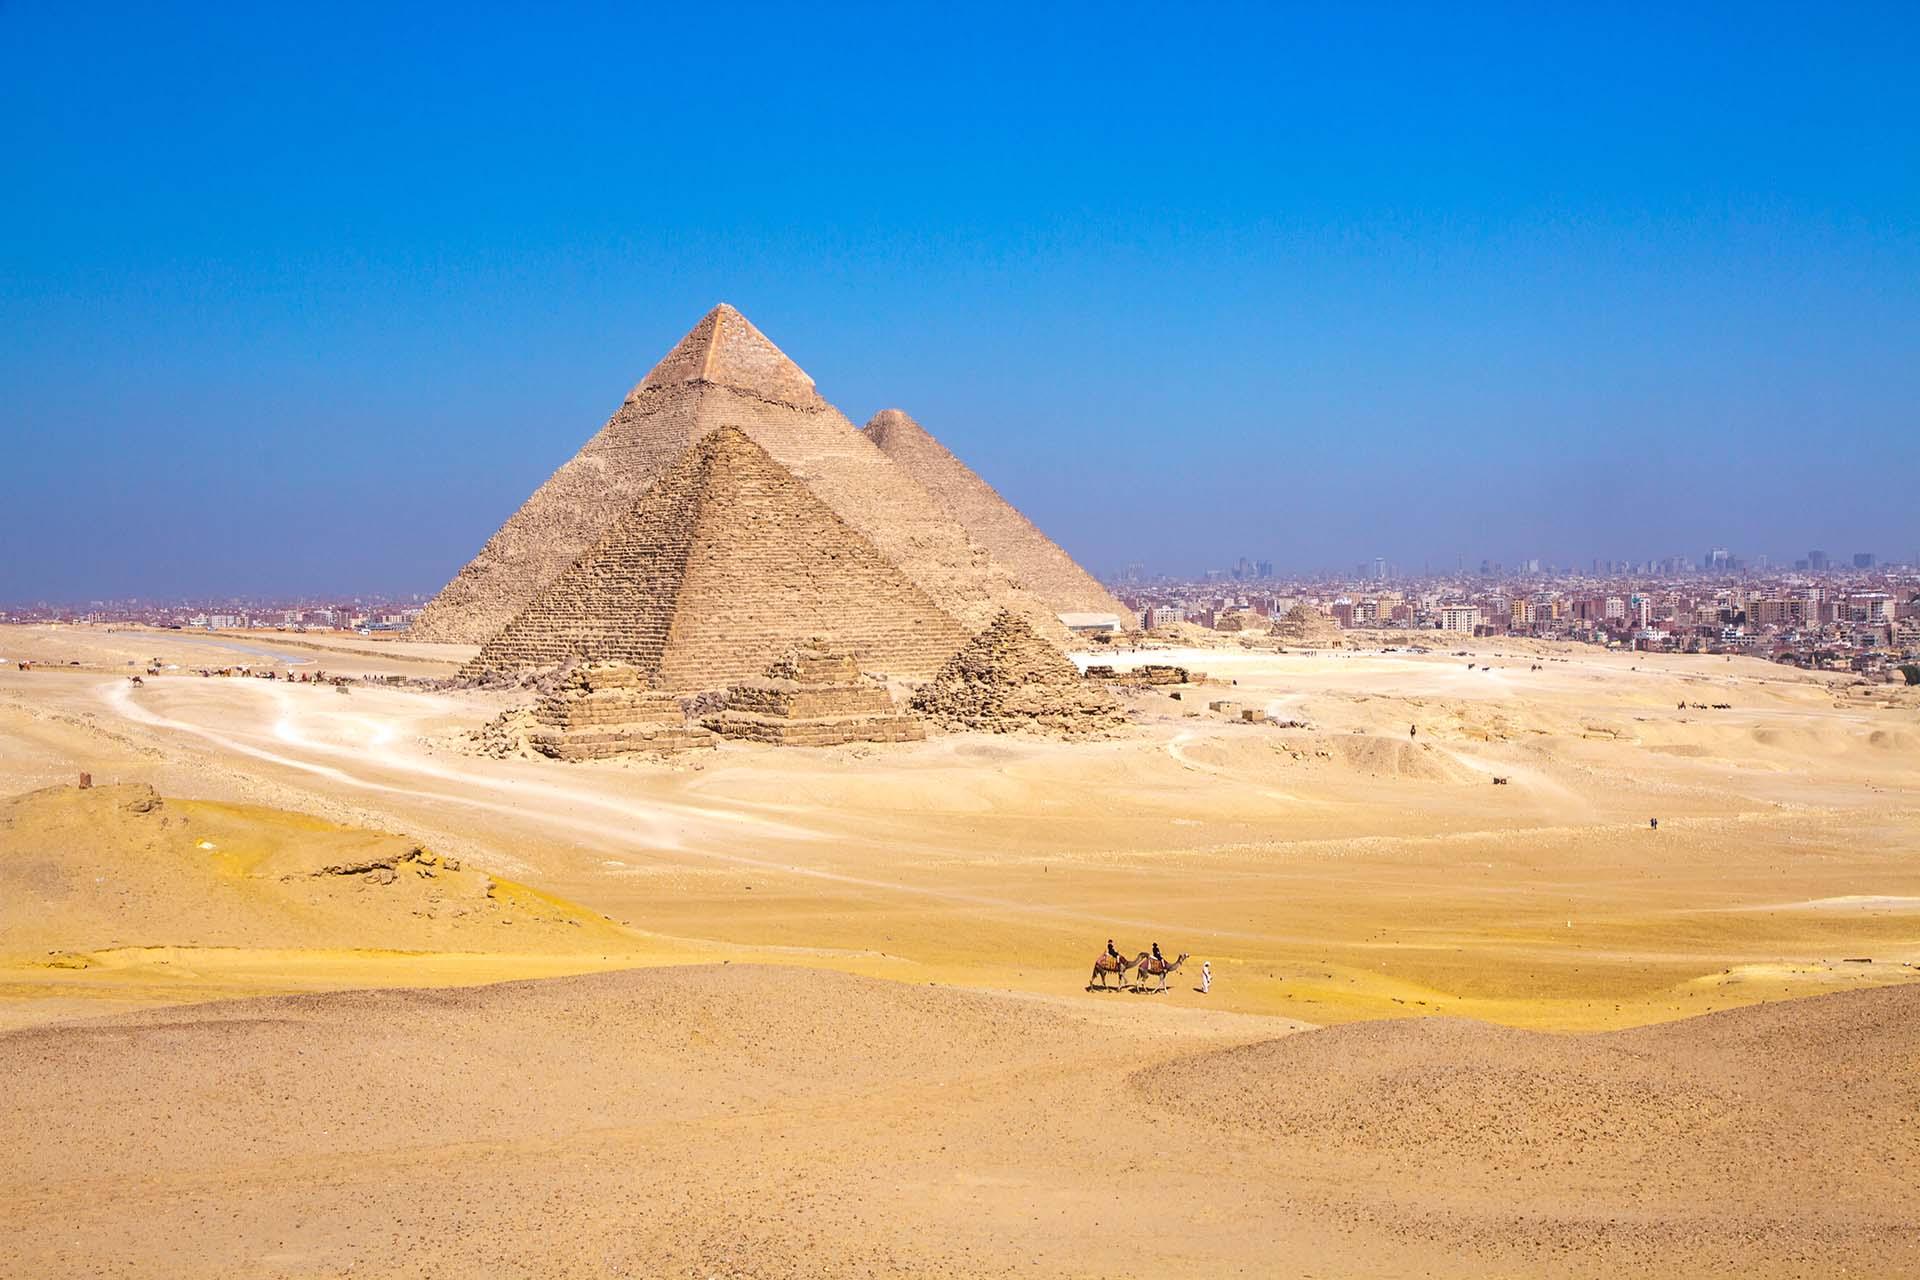 Egipto te da la bienvenida con su poderoso Nilo y sus magníficos monumentos, el cautivador desierto y el delta exuberante, y con su pasado largo y acogedor. La gente está empezando a regresar a un lugar que ha sido sinónimo de viajes culturales desde la época clásica